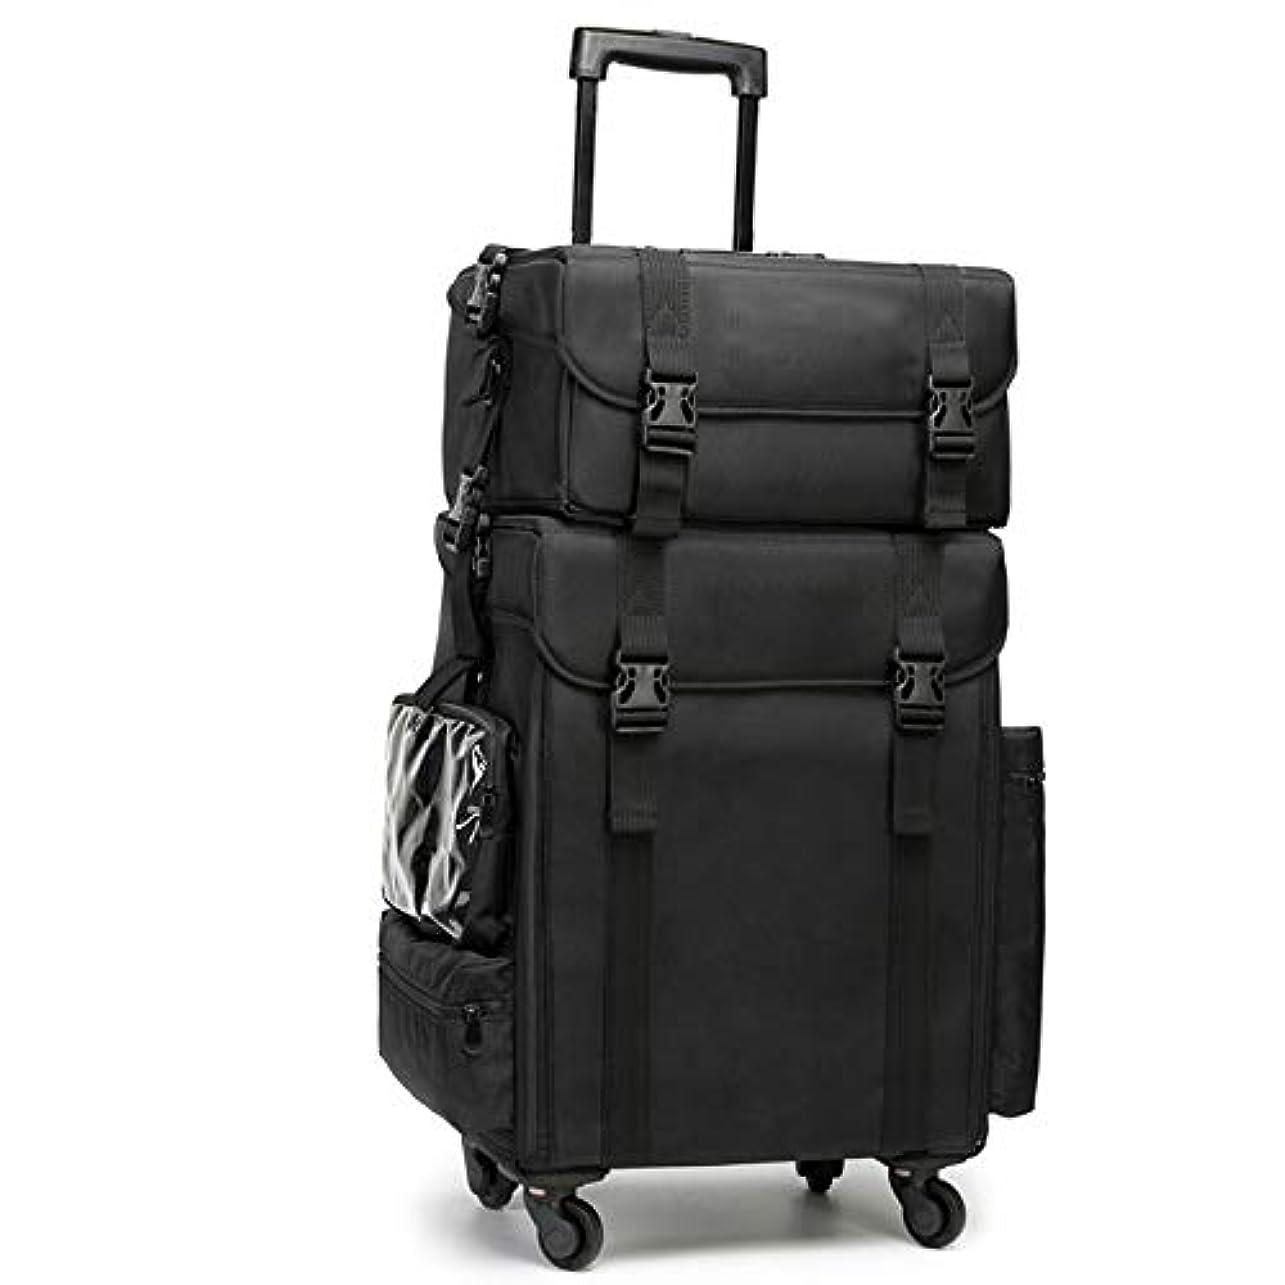 デコードする現実には逆さまにGOGOS メイクボックス 大容量 プロ仕様 コスメボックス スーツケース型 化粧品収納ボックス 美容師 アーティスト バッグ ケース 4輪 キャスター付き 防水 出張 携帯 便利